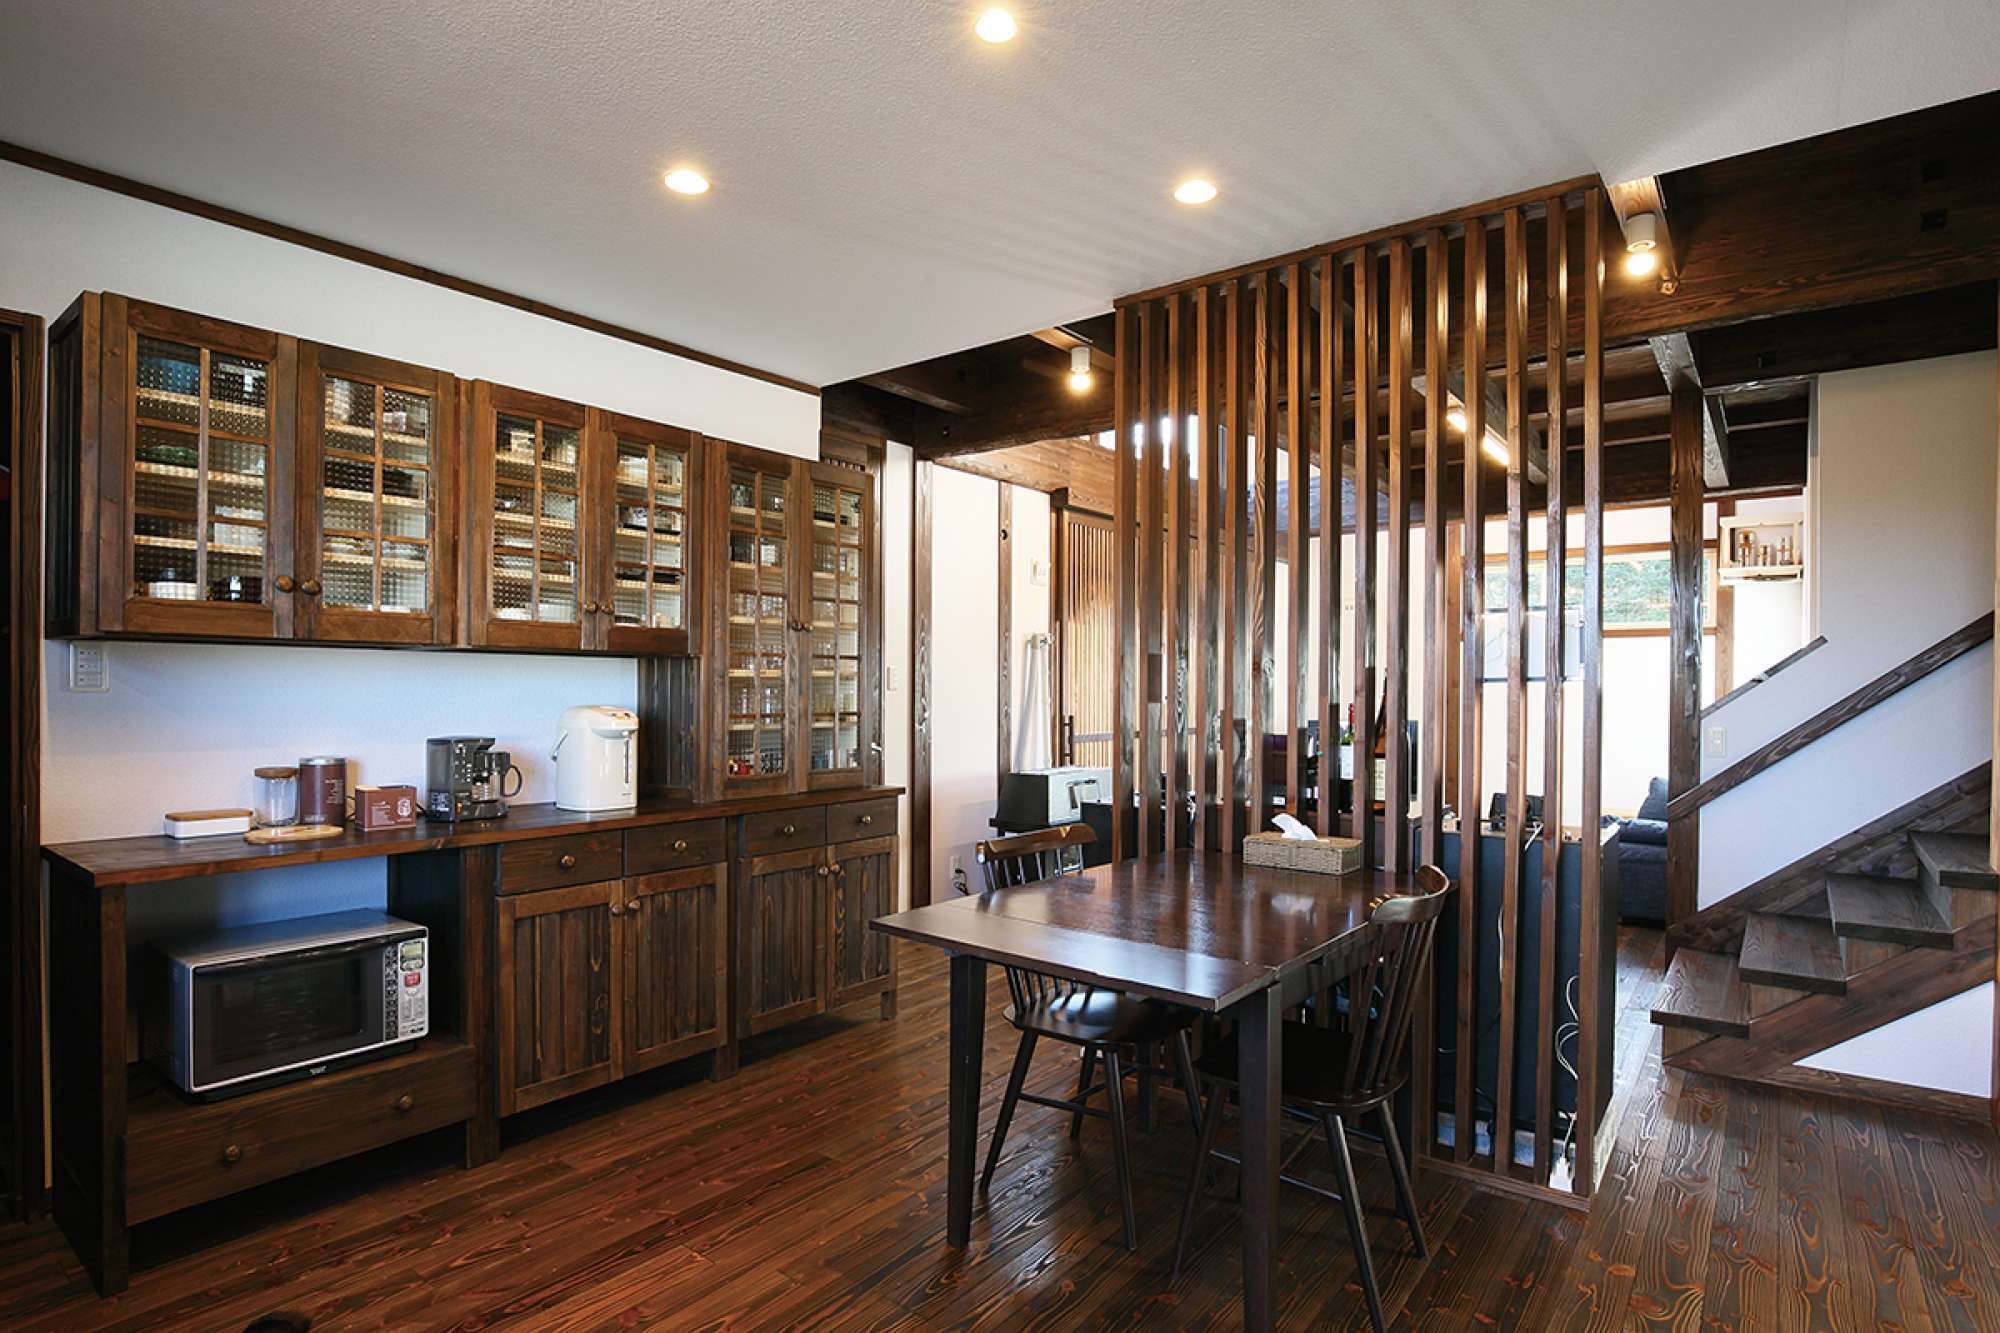 チェッカーガラスと丸い取っ手の大型食器棚も造作家具 -  -  -